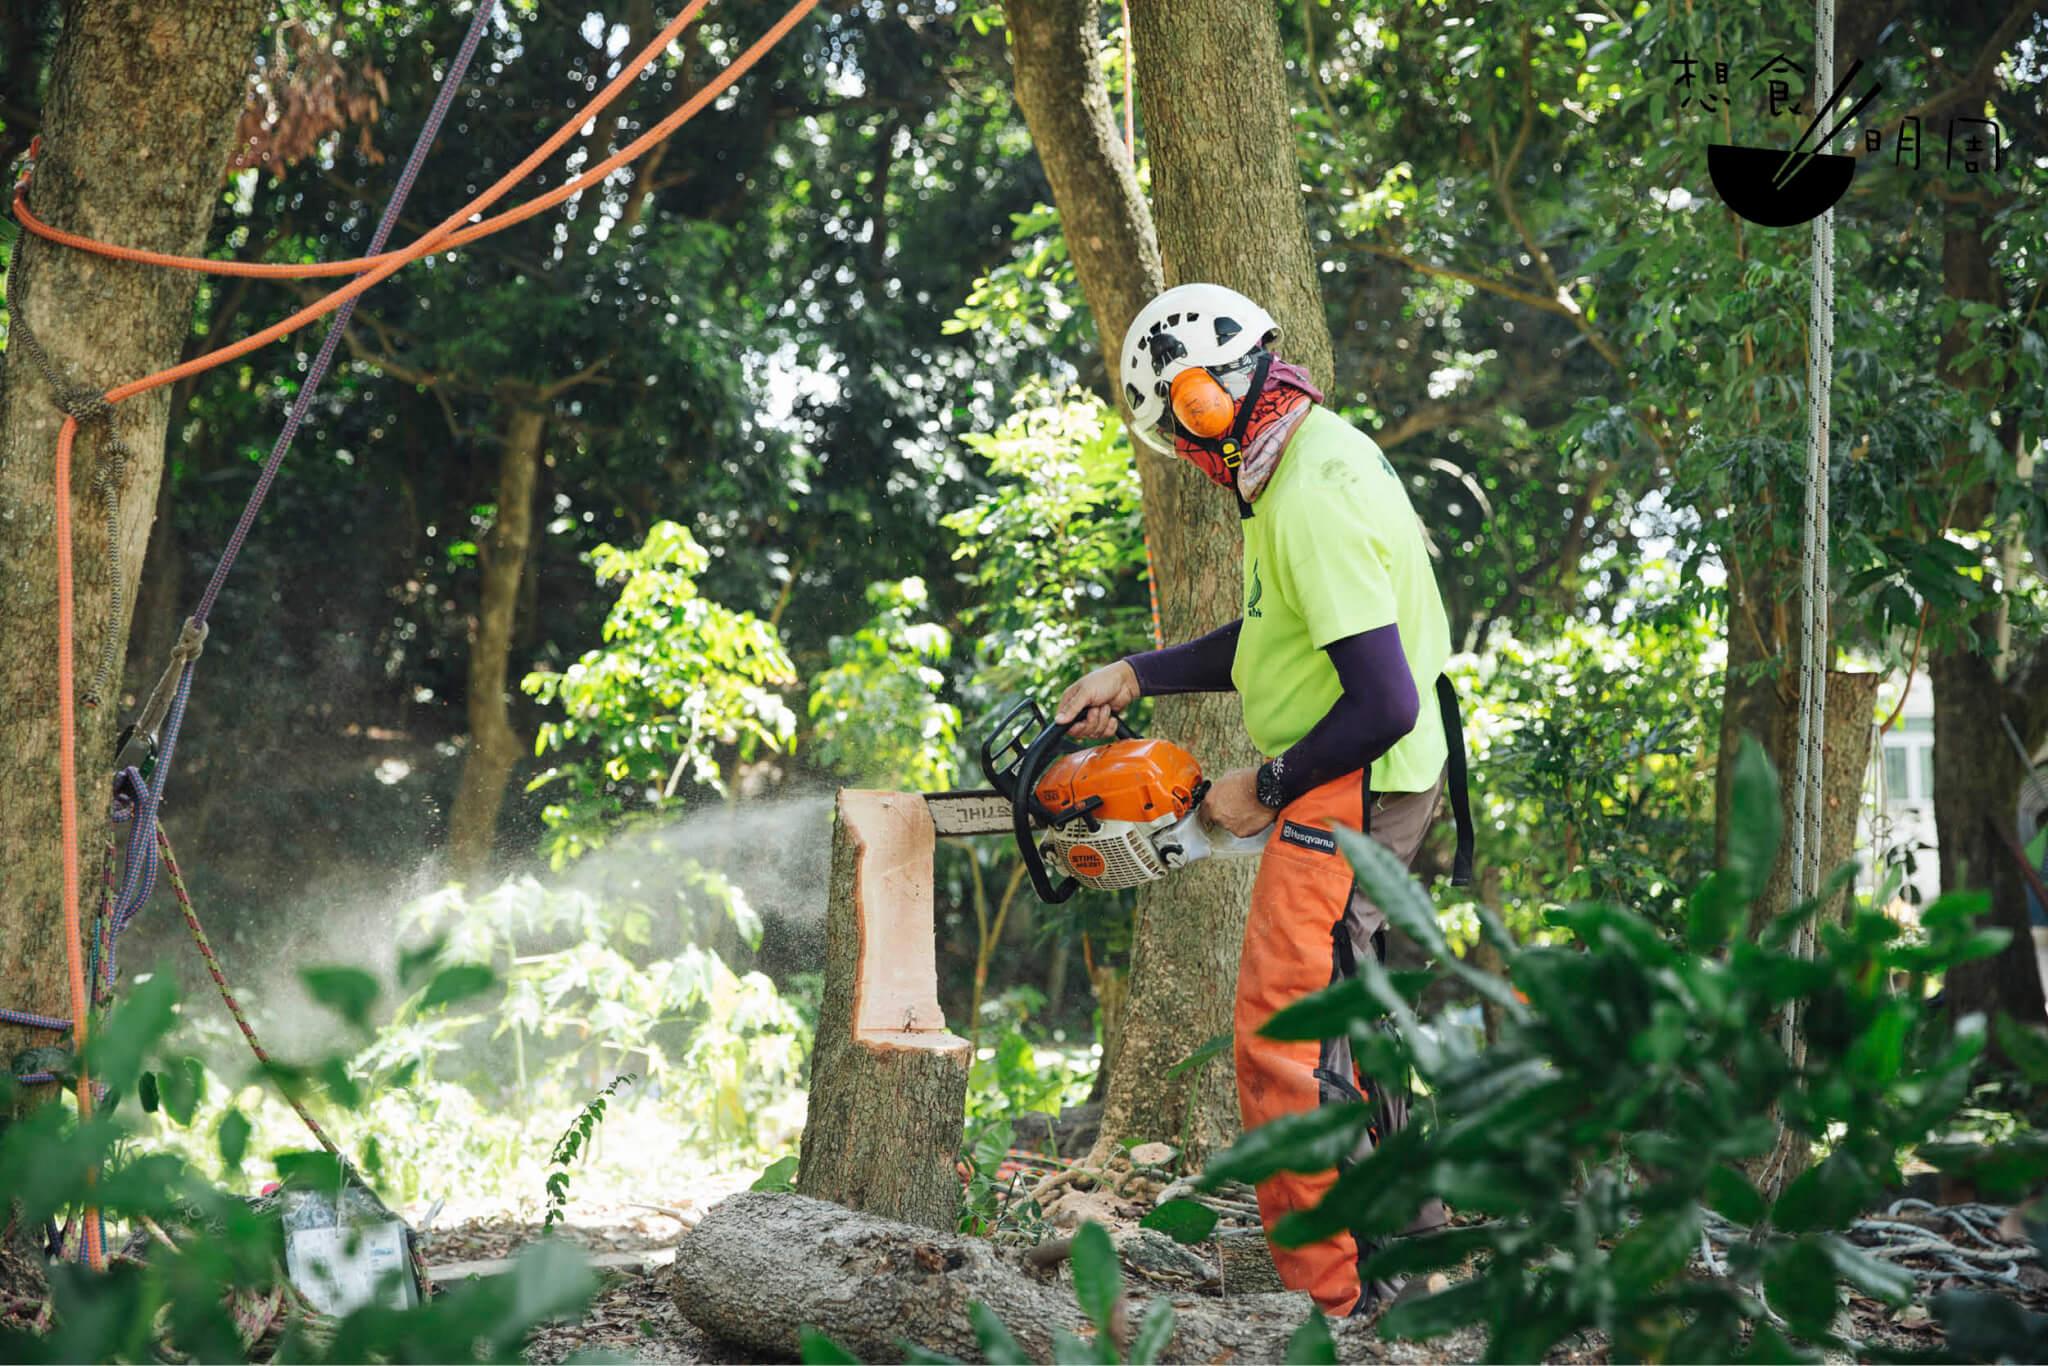 樹倒之後,留下樹頭,由樹藝師操刀修出木凳,成為龍眼樹生命的延續。